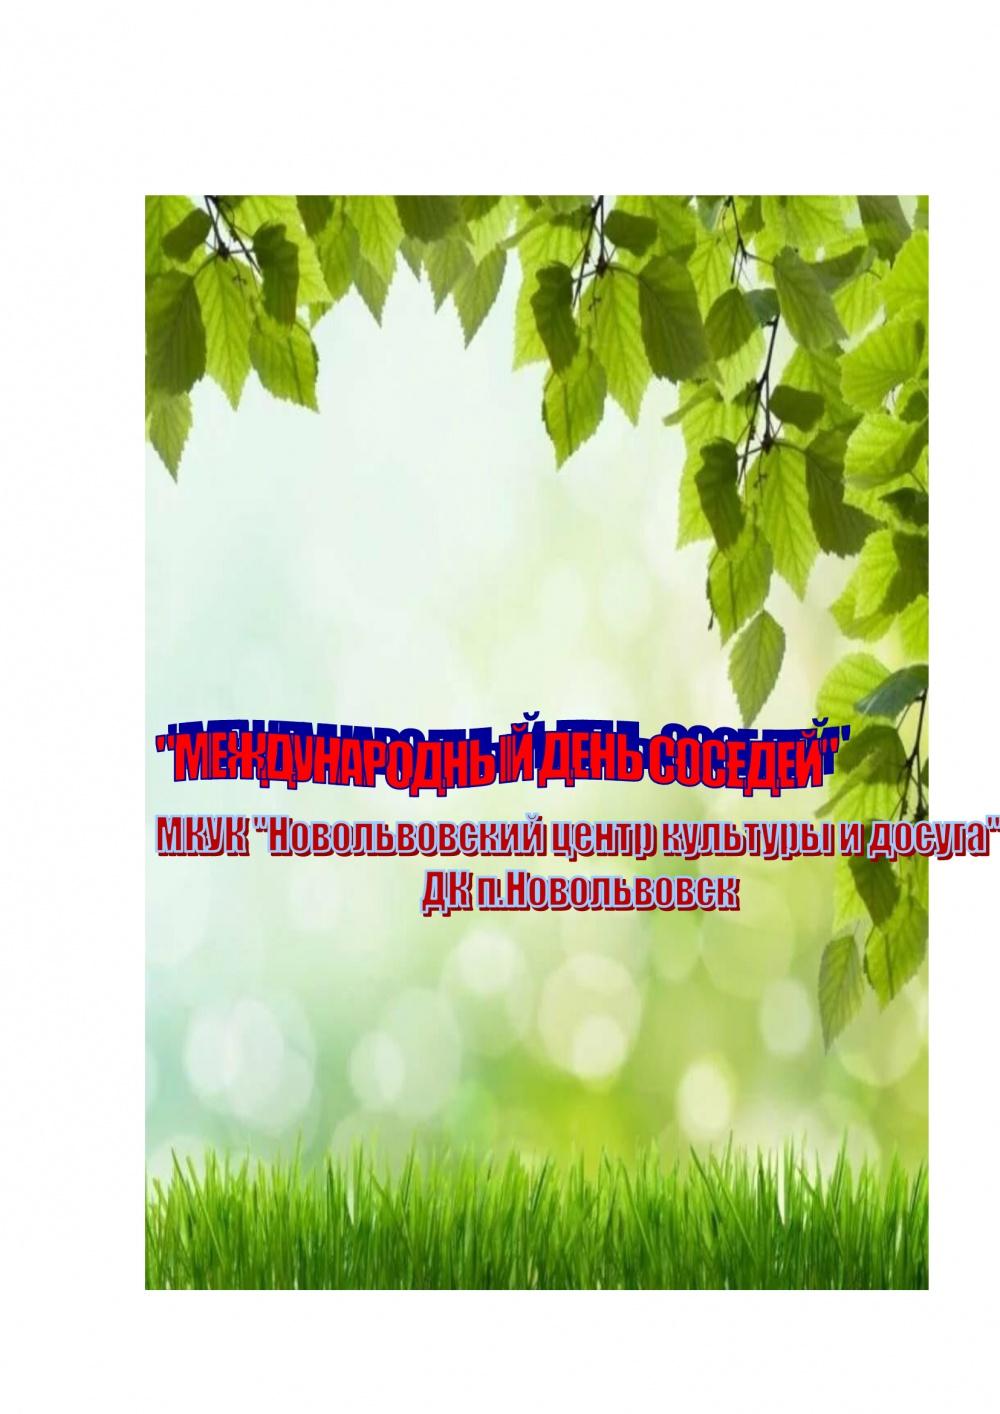 День соседа в п. Новольвовск